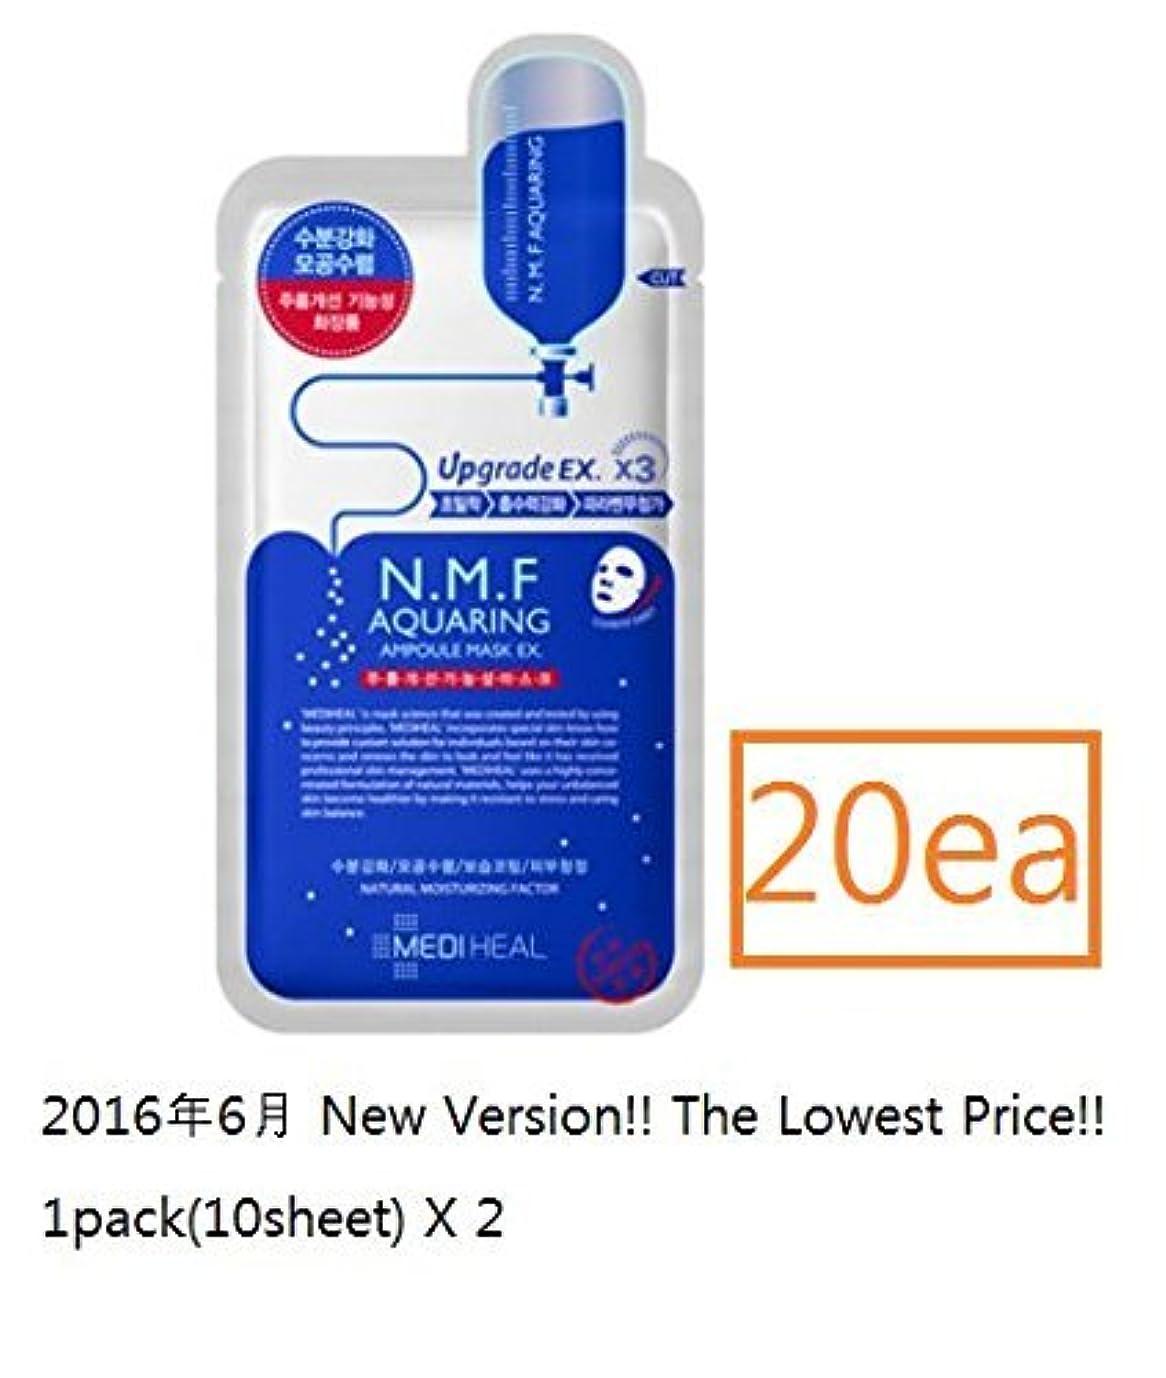 無限衣装モトリーMediheal メディヒール N.M.F アクアリング アンプル?マスクパック 10枚入り*2 (Aquaring Ampoule Essential Mask Pack 1box(10sheet)*2 [並行輸入品]